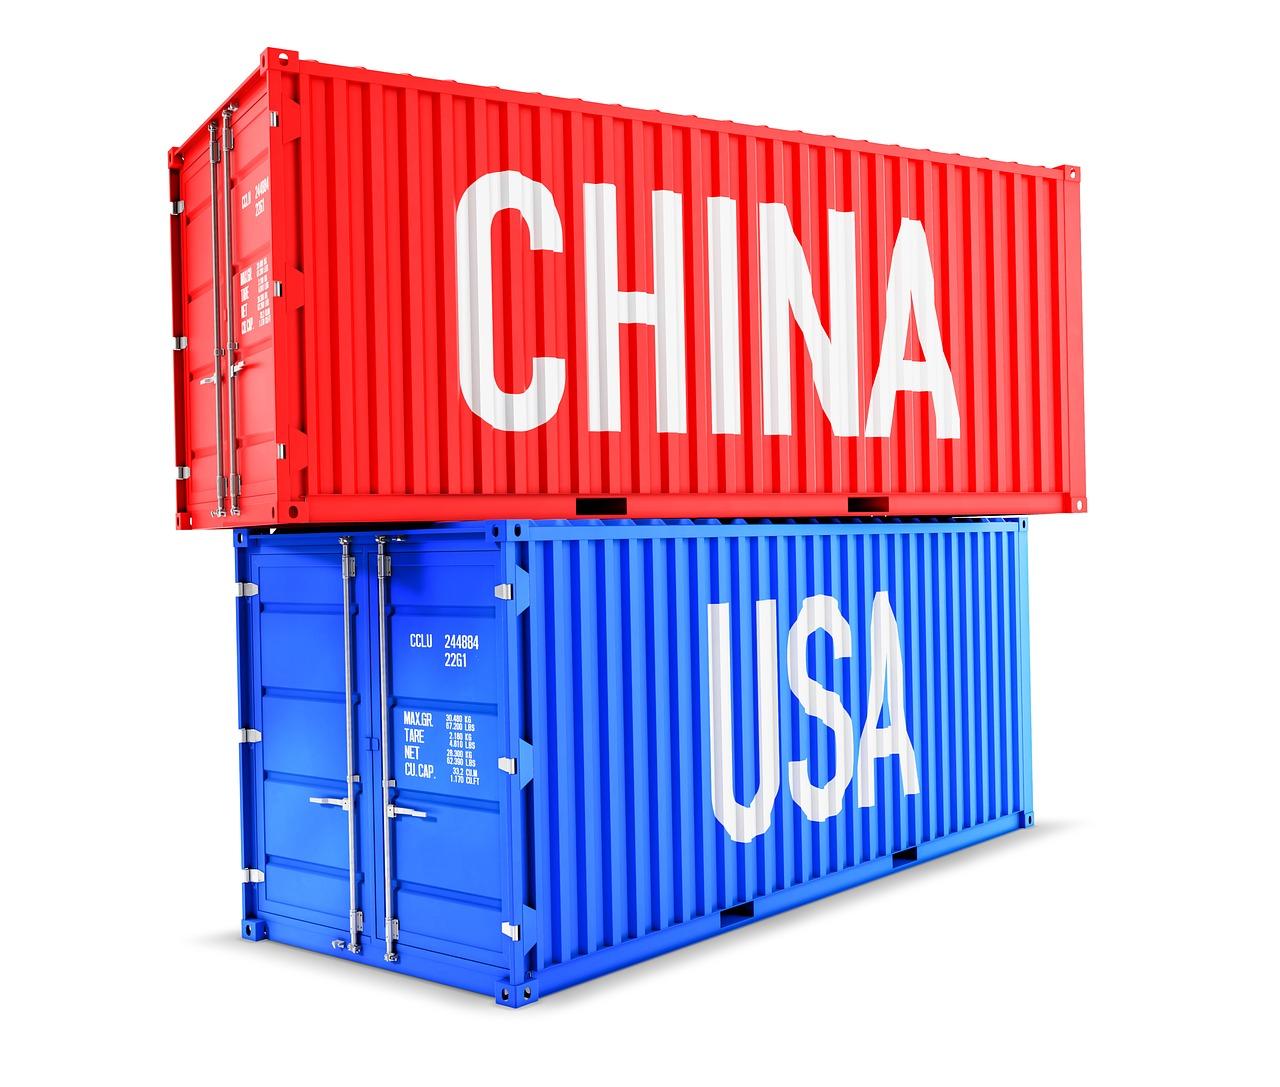 CHINA SUPERA POR PRIMERA VEZ A ESTADOS UNIDOS COMO LA ECONOMÍA QUE MÁS APORTA DEL MUNDO